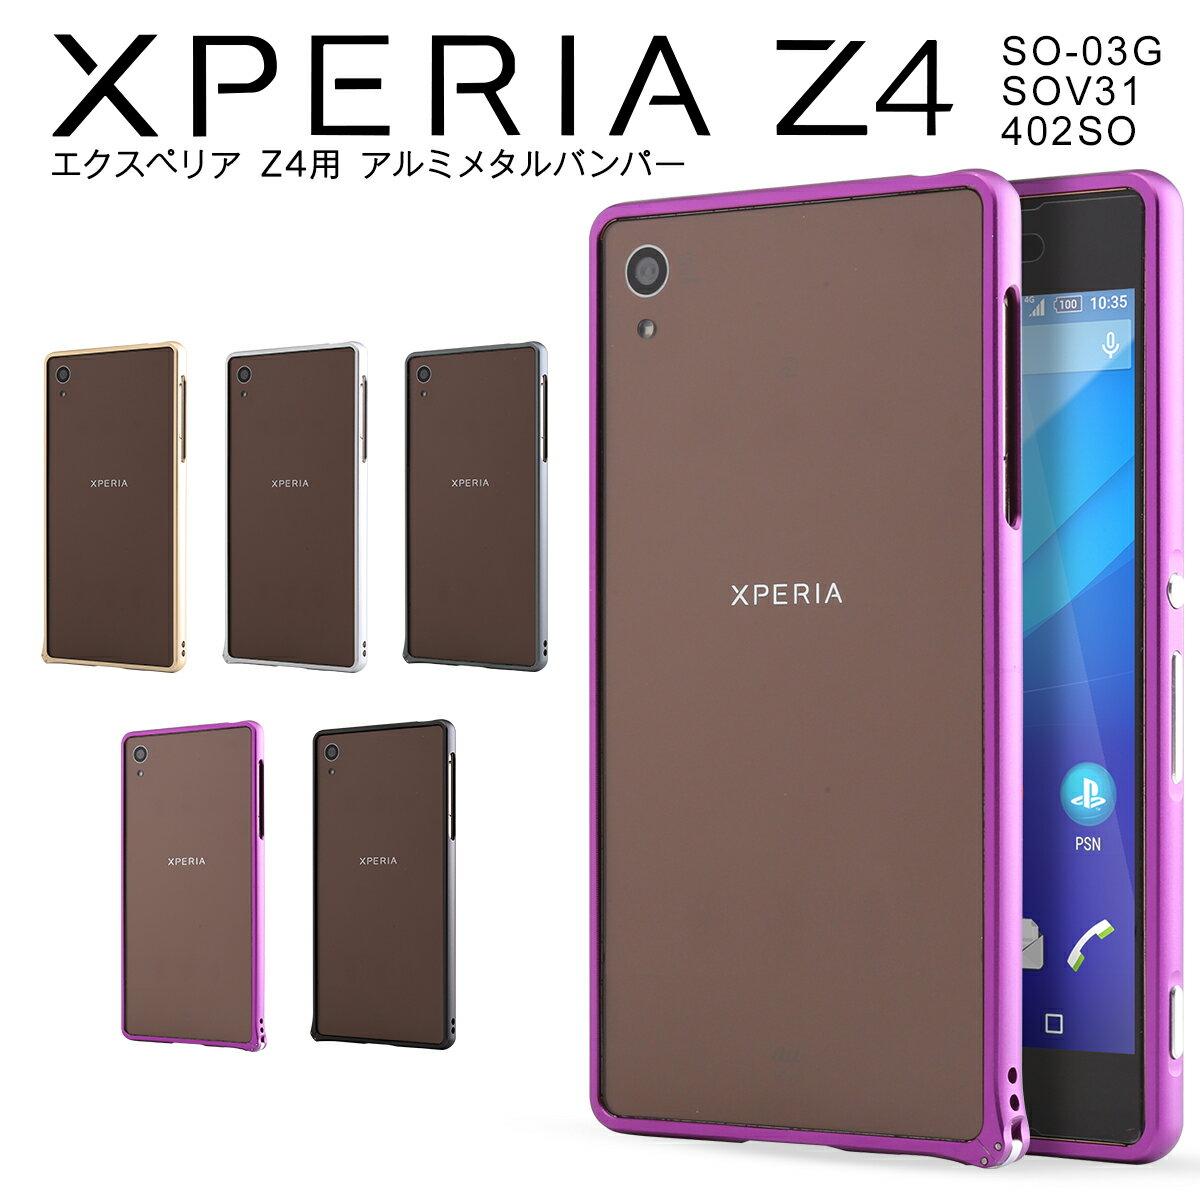 送料無料 Xperia Z4 エクスペリアZ4 SO-03G SOV31 402SO アルミメタルバンパー XperiaZ4 側面保護 バンパー メタル アルミ 軽量 工具不要 簡単装着 スマホ スマフォ スマホケース スマフォケース Android アンドロイド